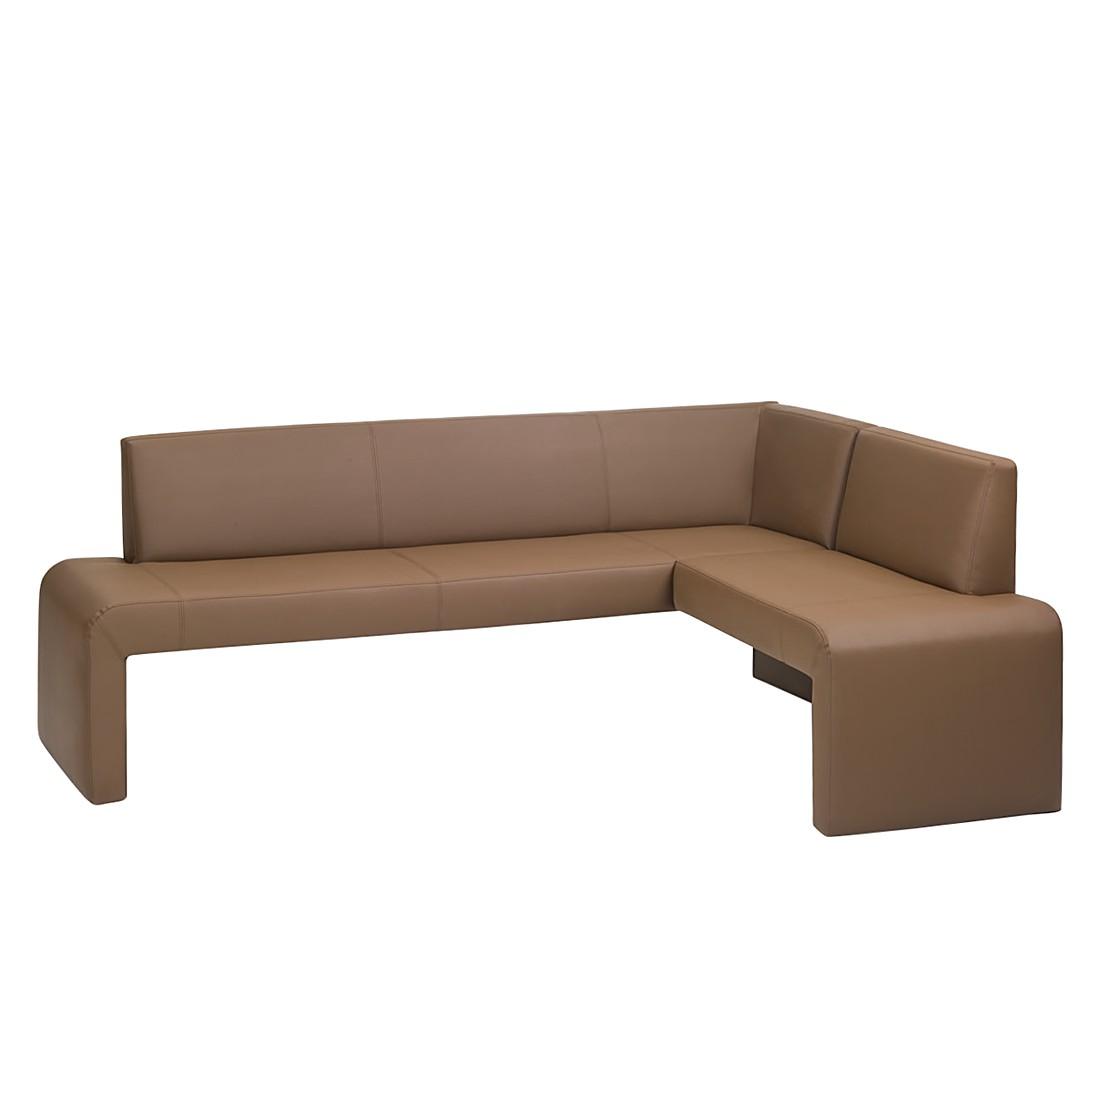 Home 24 - Banc d angle magadino - cuir synthétique / marron, modoform